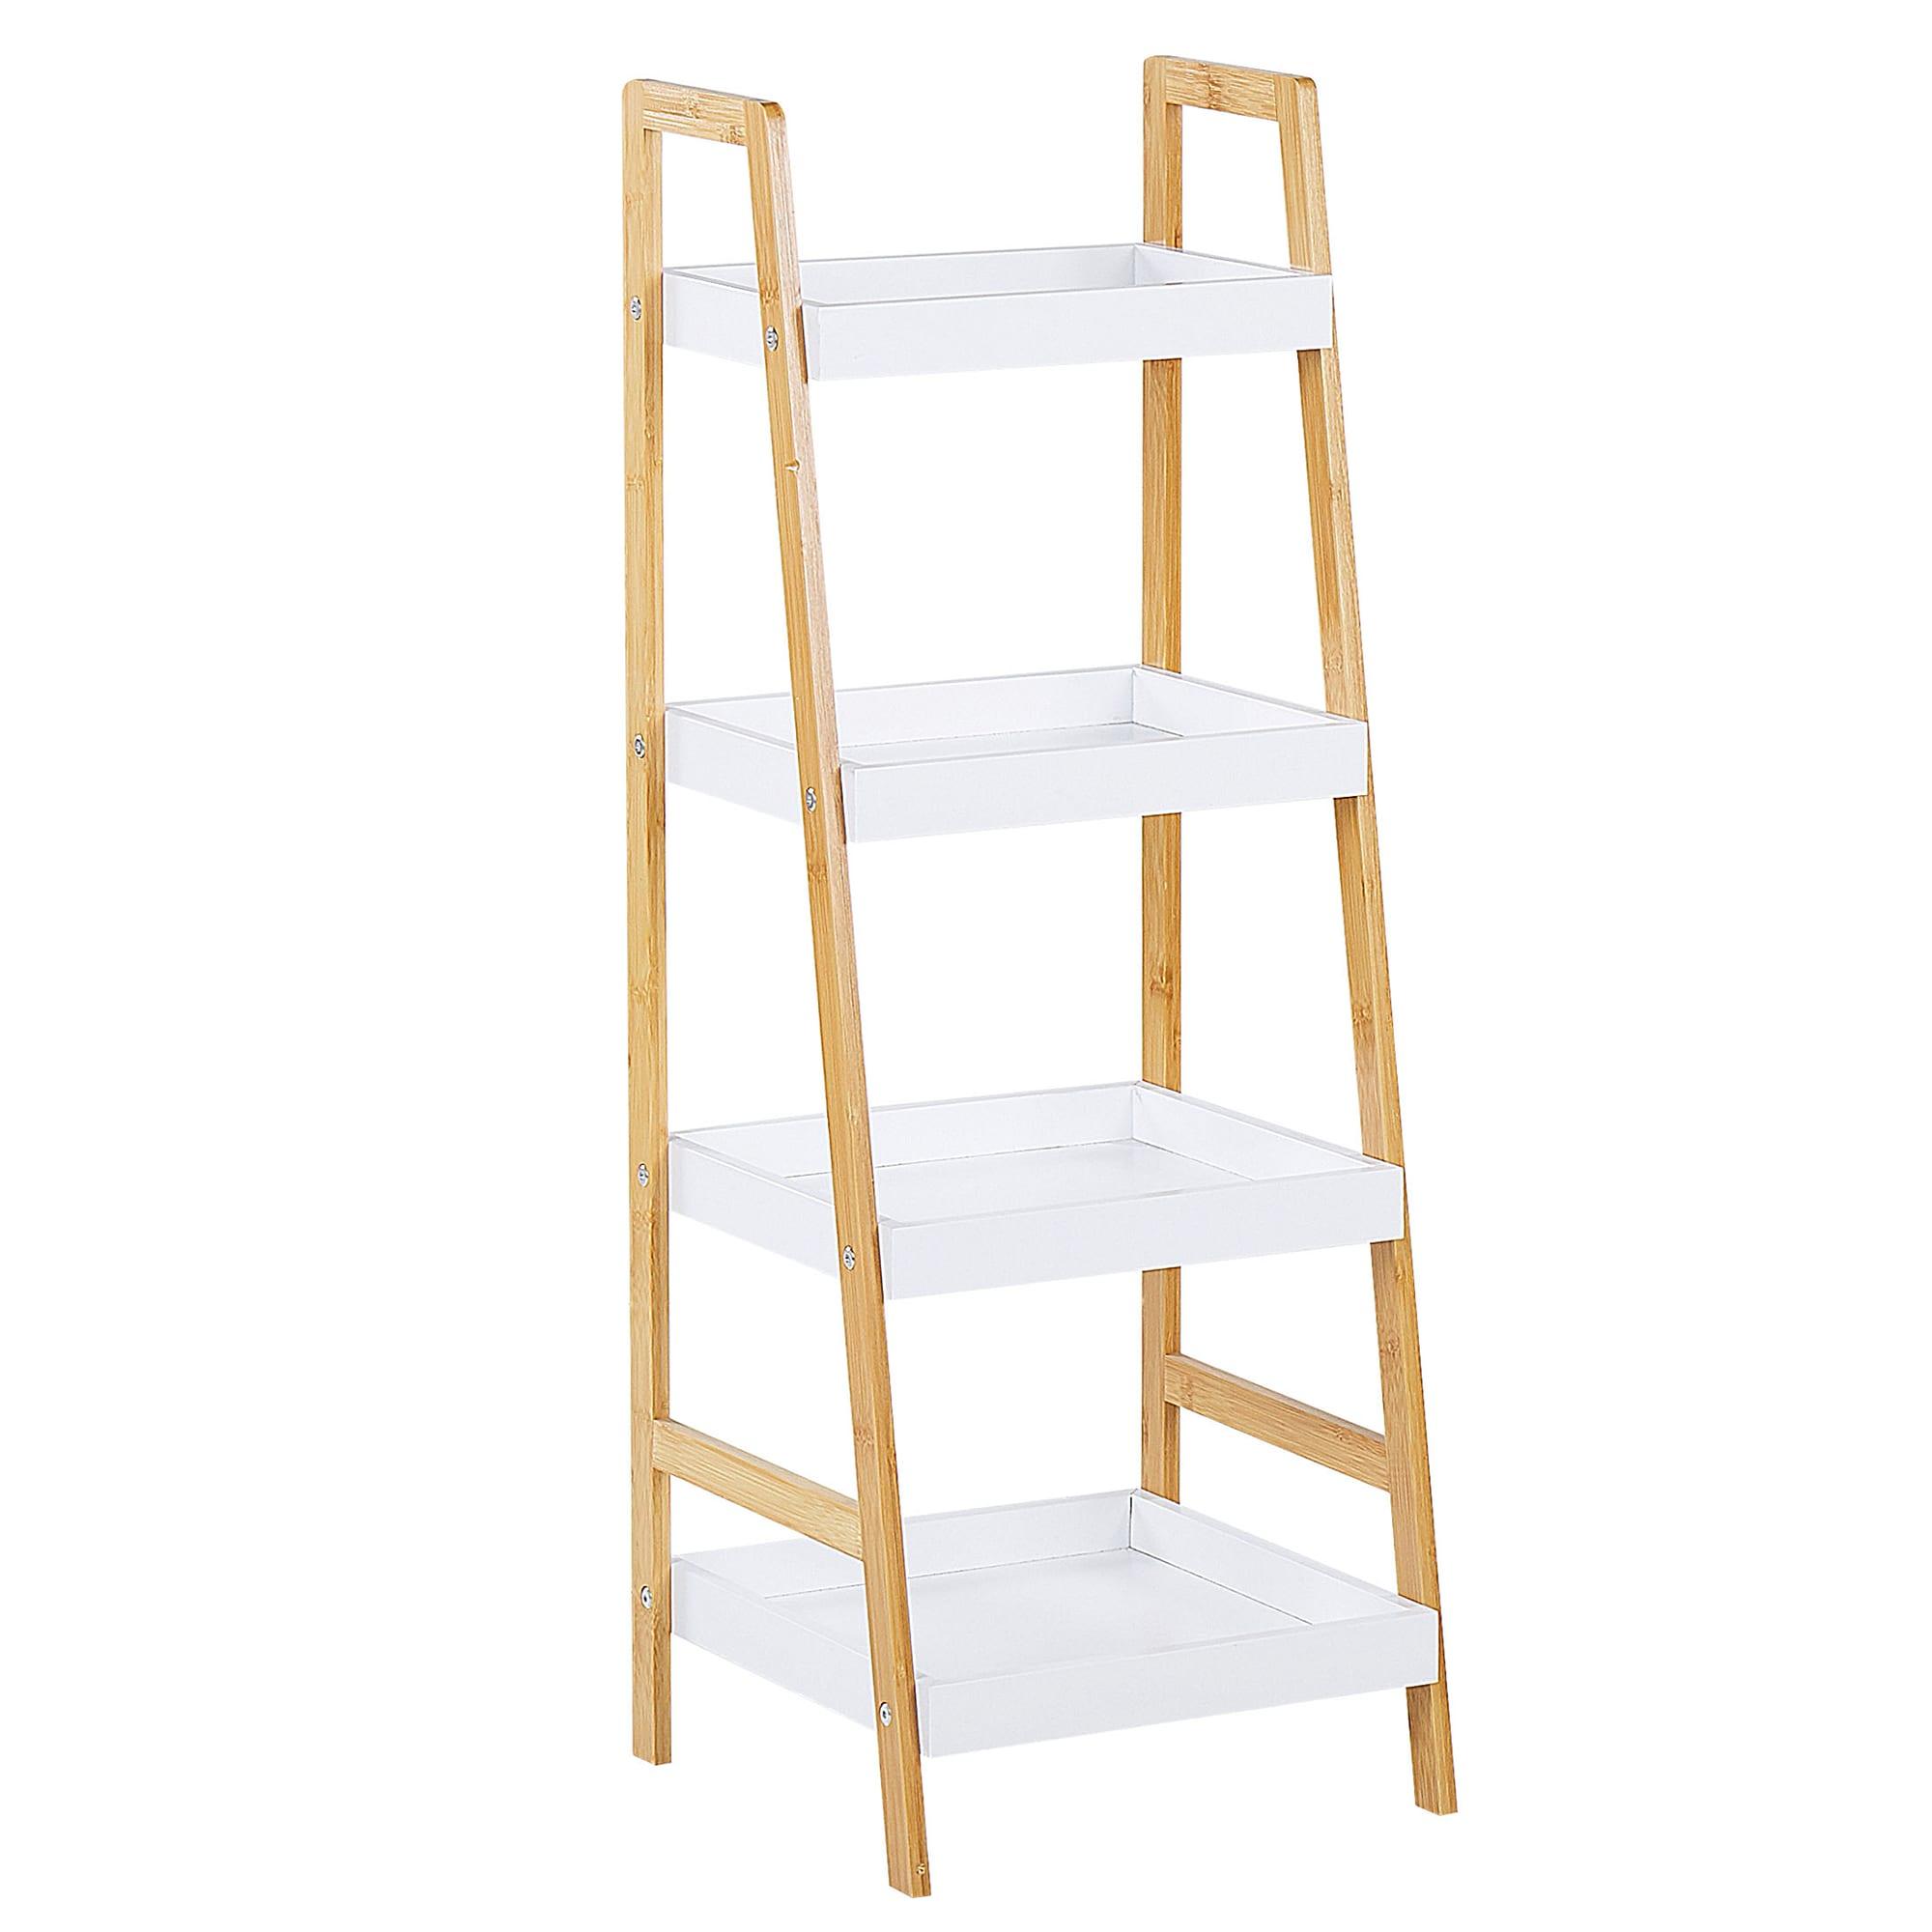 Étagère bois clair / blanc 4 niveaux (photo)